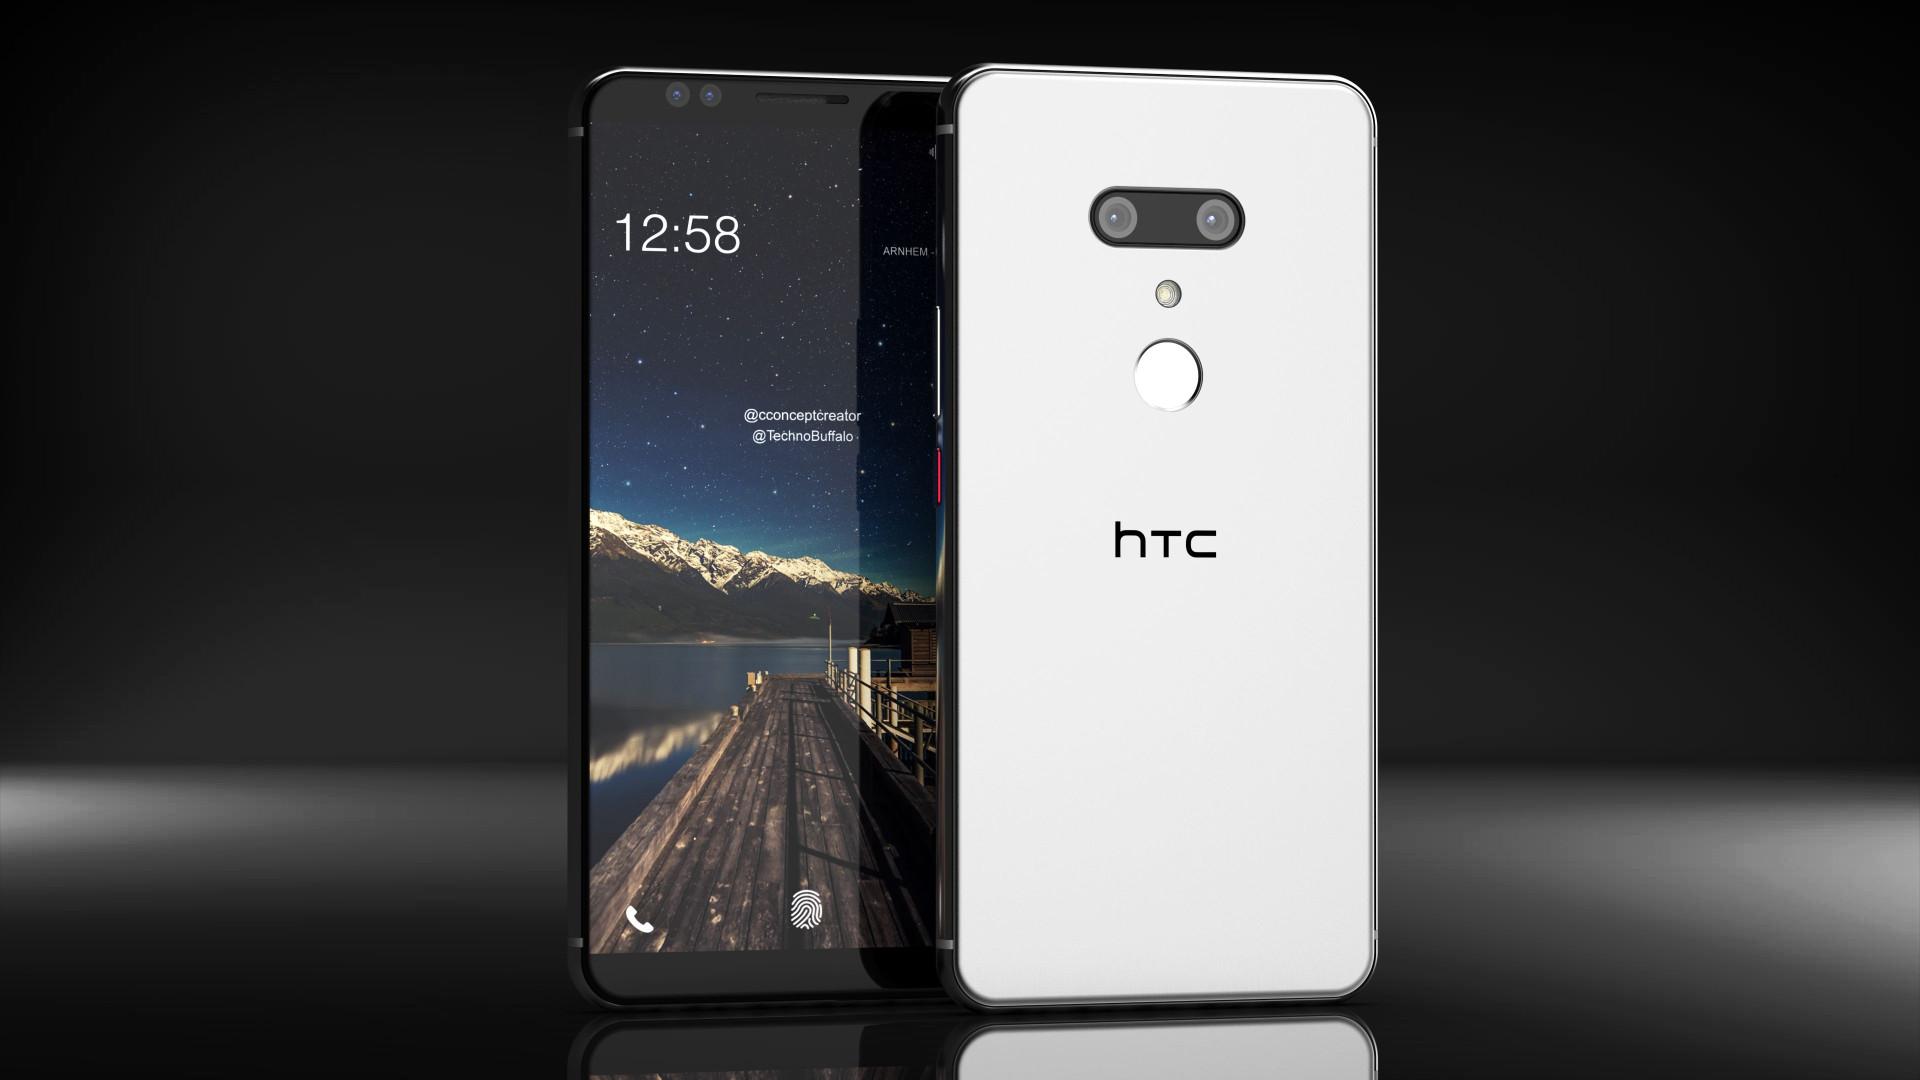 Ansioso pelo próximo topo de gama da HTC? Veja alguns destes 'concepts'